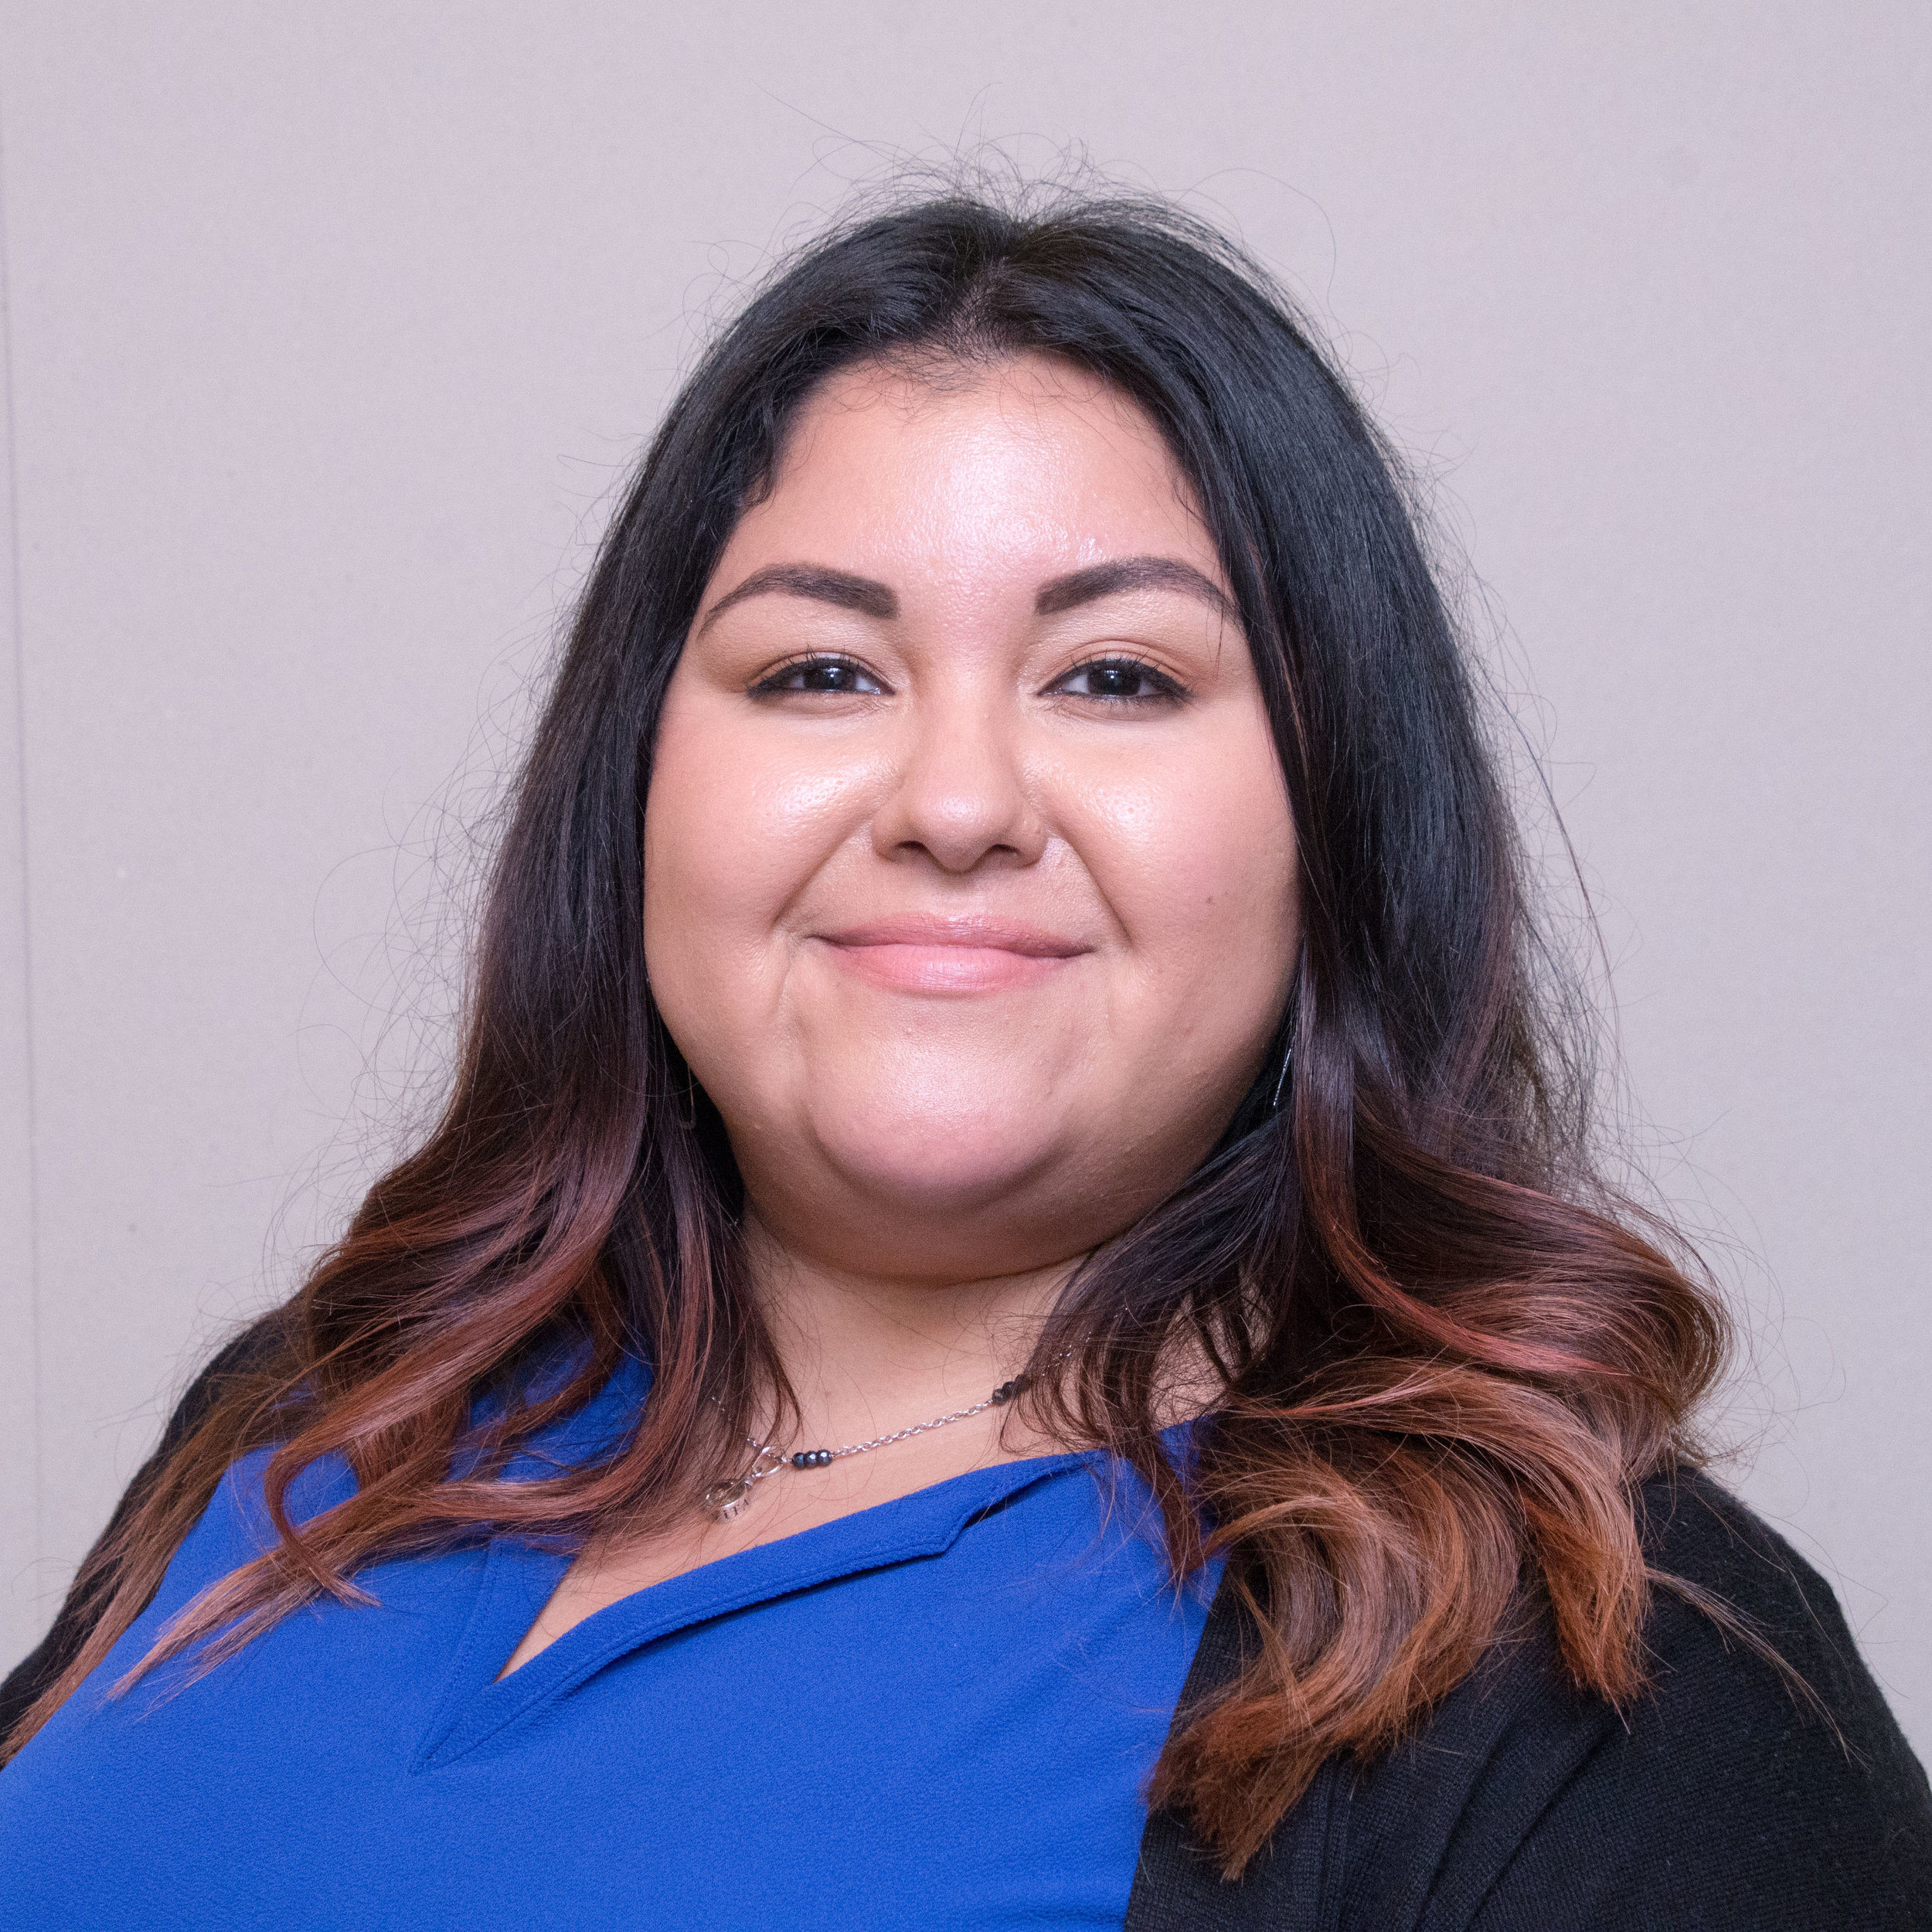 Belinda Moreira, Manager of Community Engagement and Impact, Houston GPS